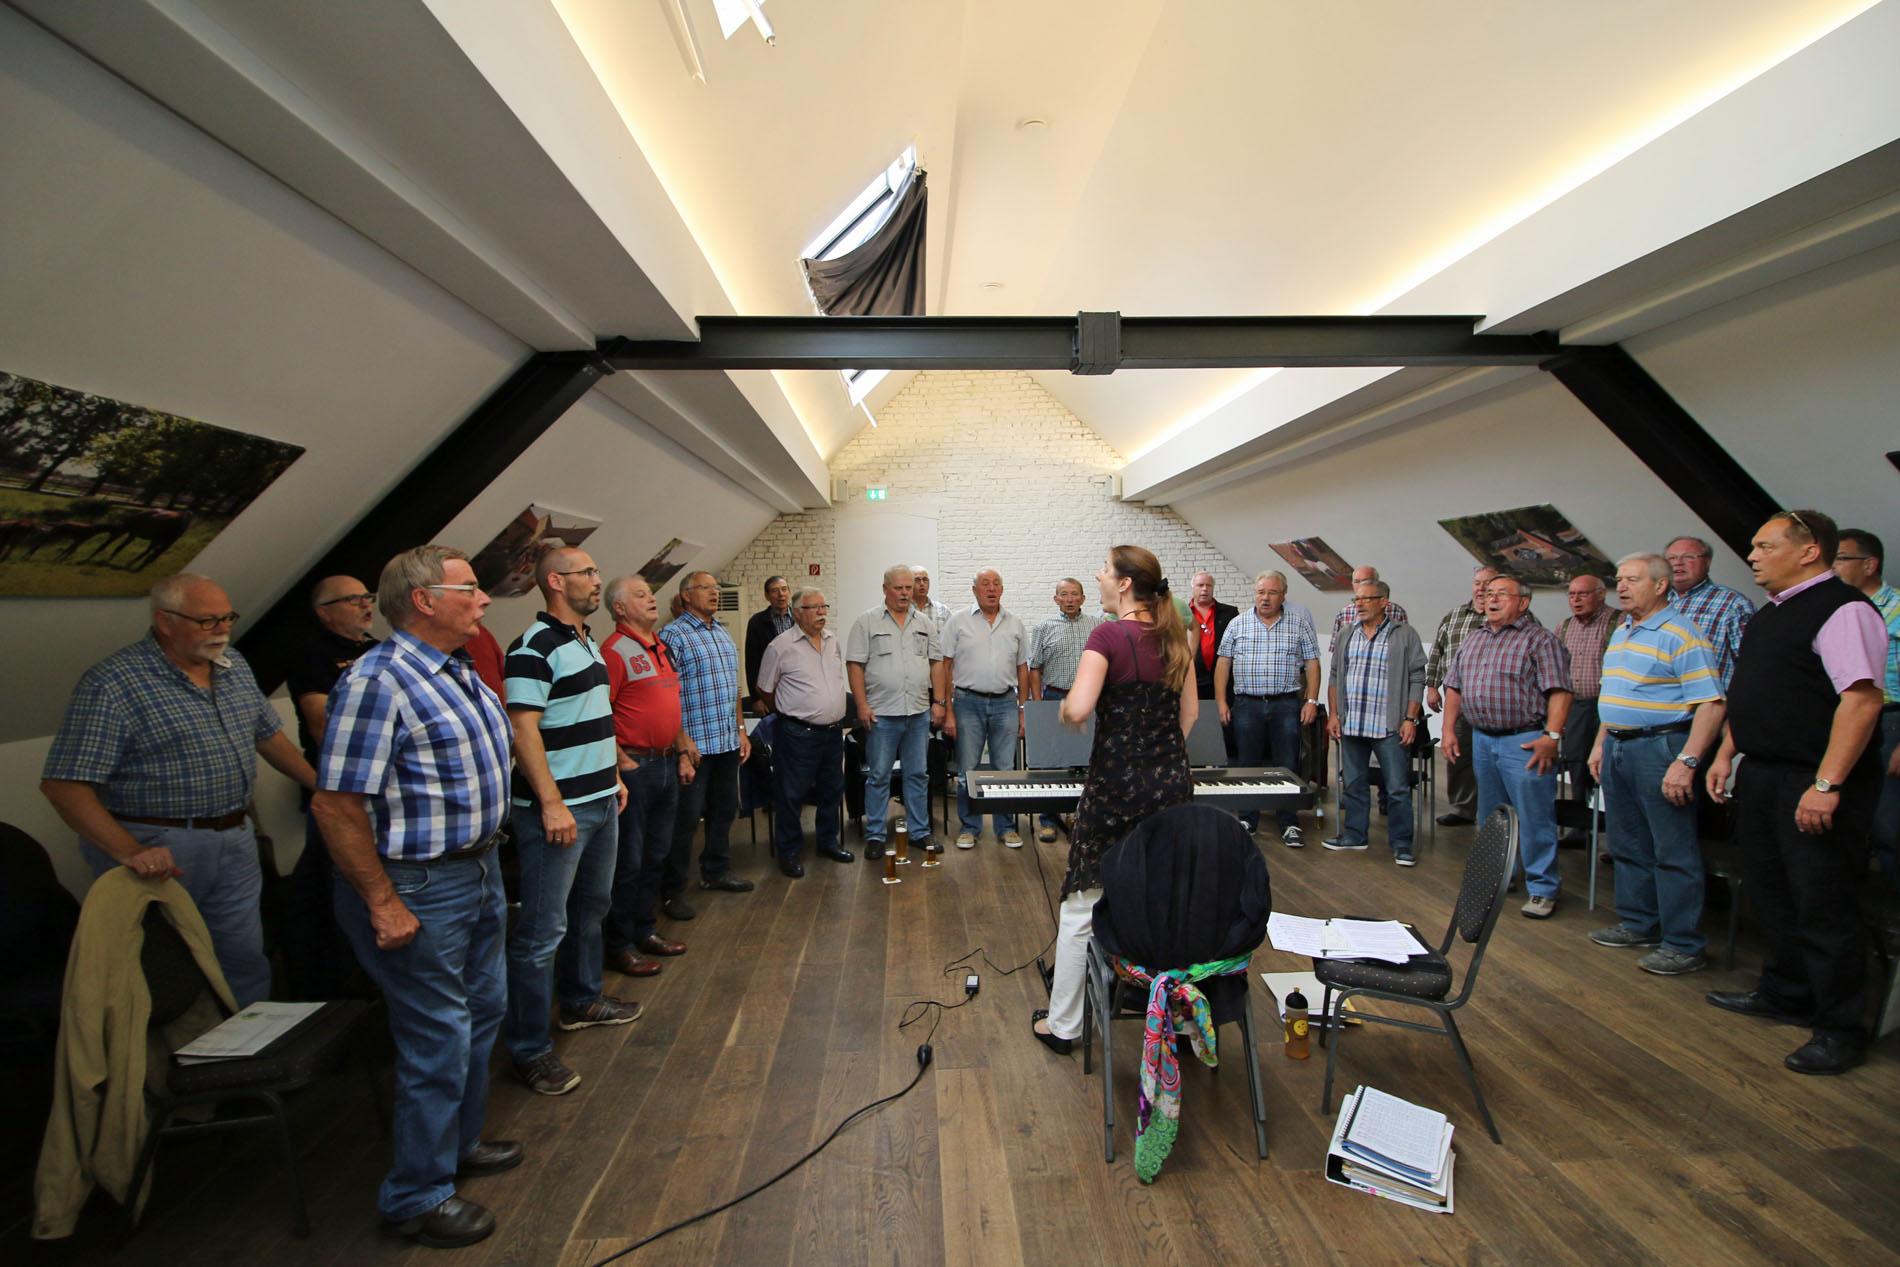 Mit der öffentlichen Chorprobe auf Gut Hohenholz startete der MGV Quartettverein 1930 Königshoven e. V. gemeinsam mit Chorleiterin Daniela Bosenius in die zweite Jahreshälfte. (Fotos: Bastian Schlößer)